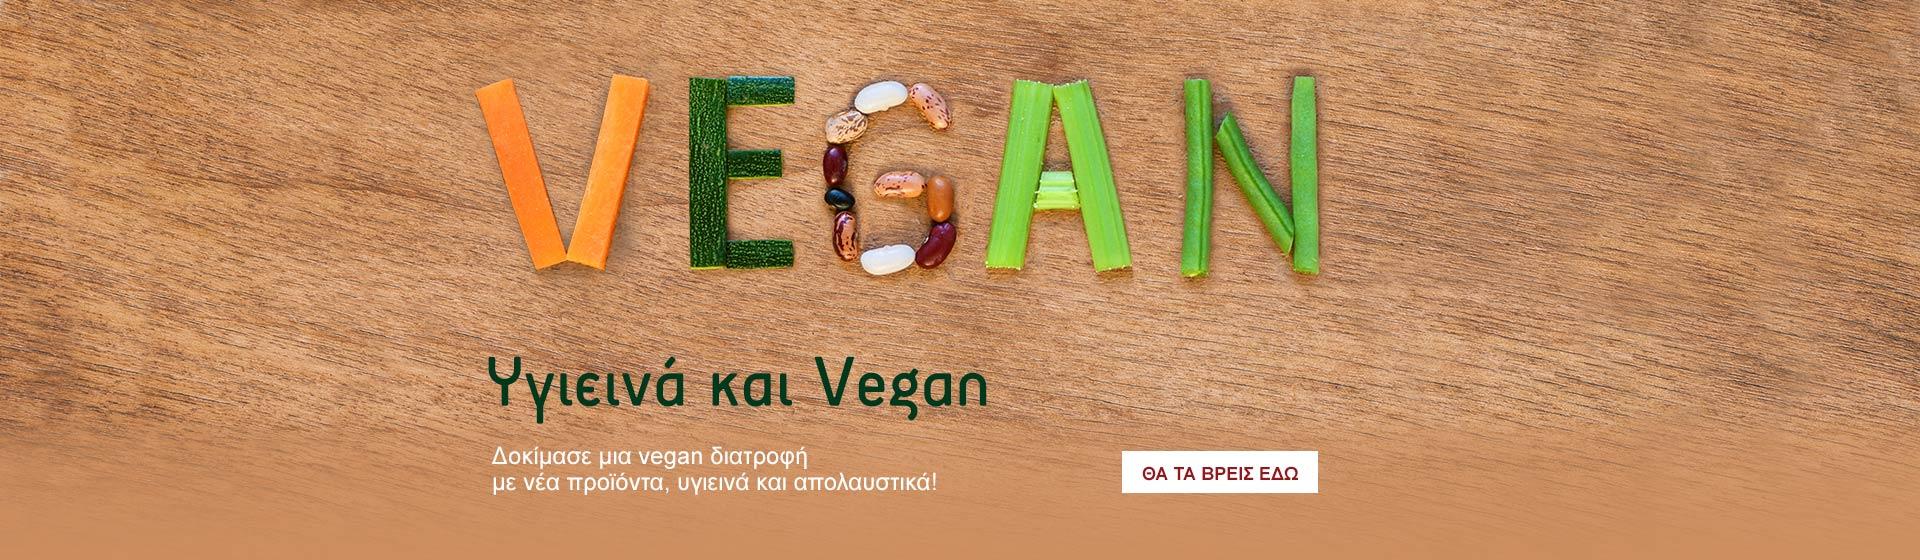 Υγιεινά και Vegan